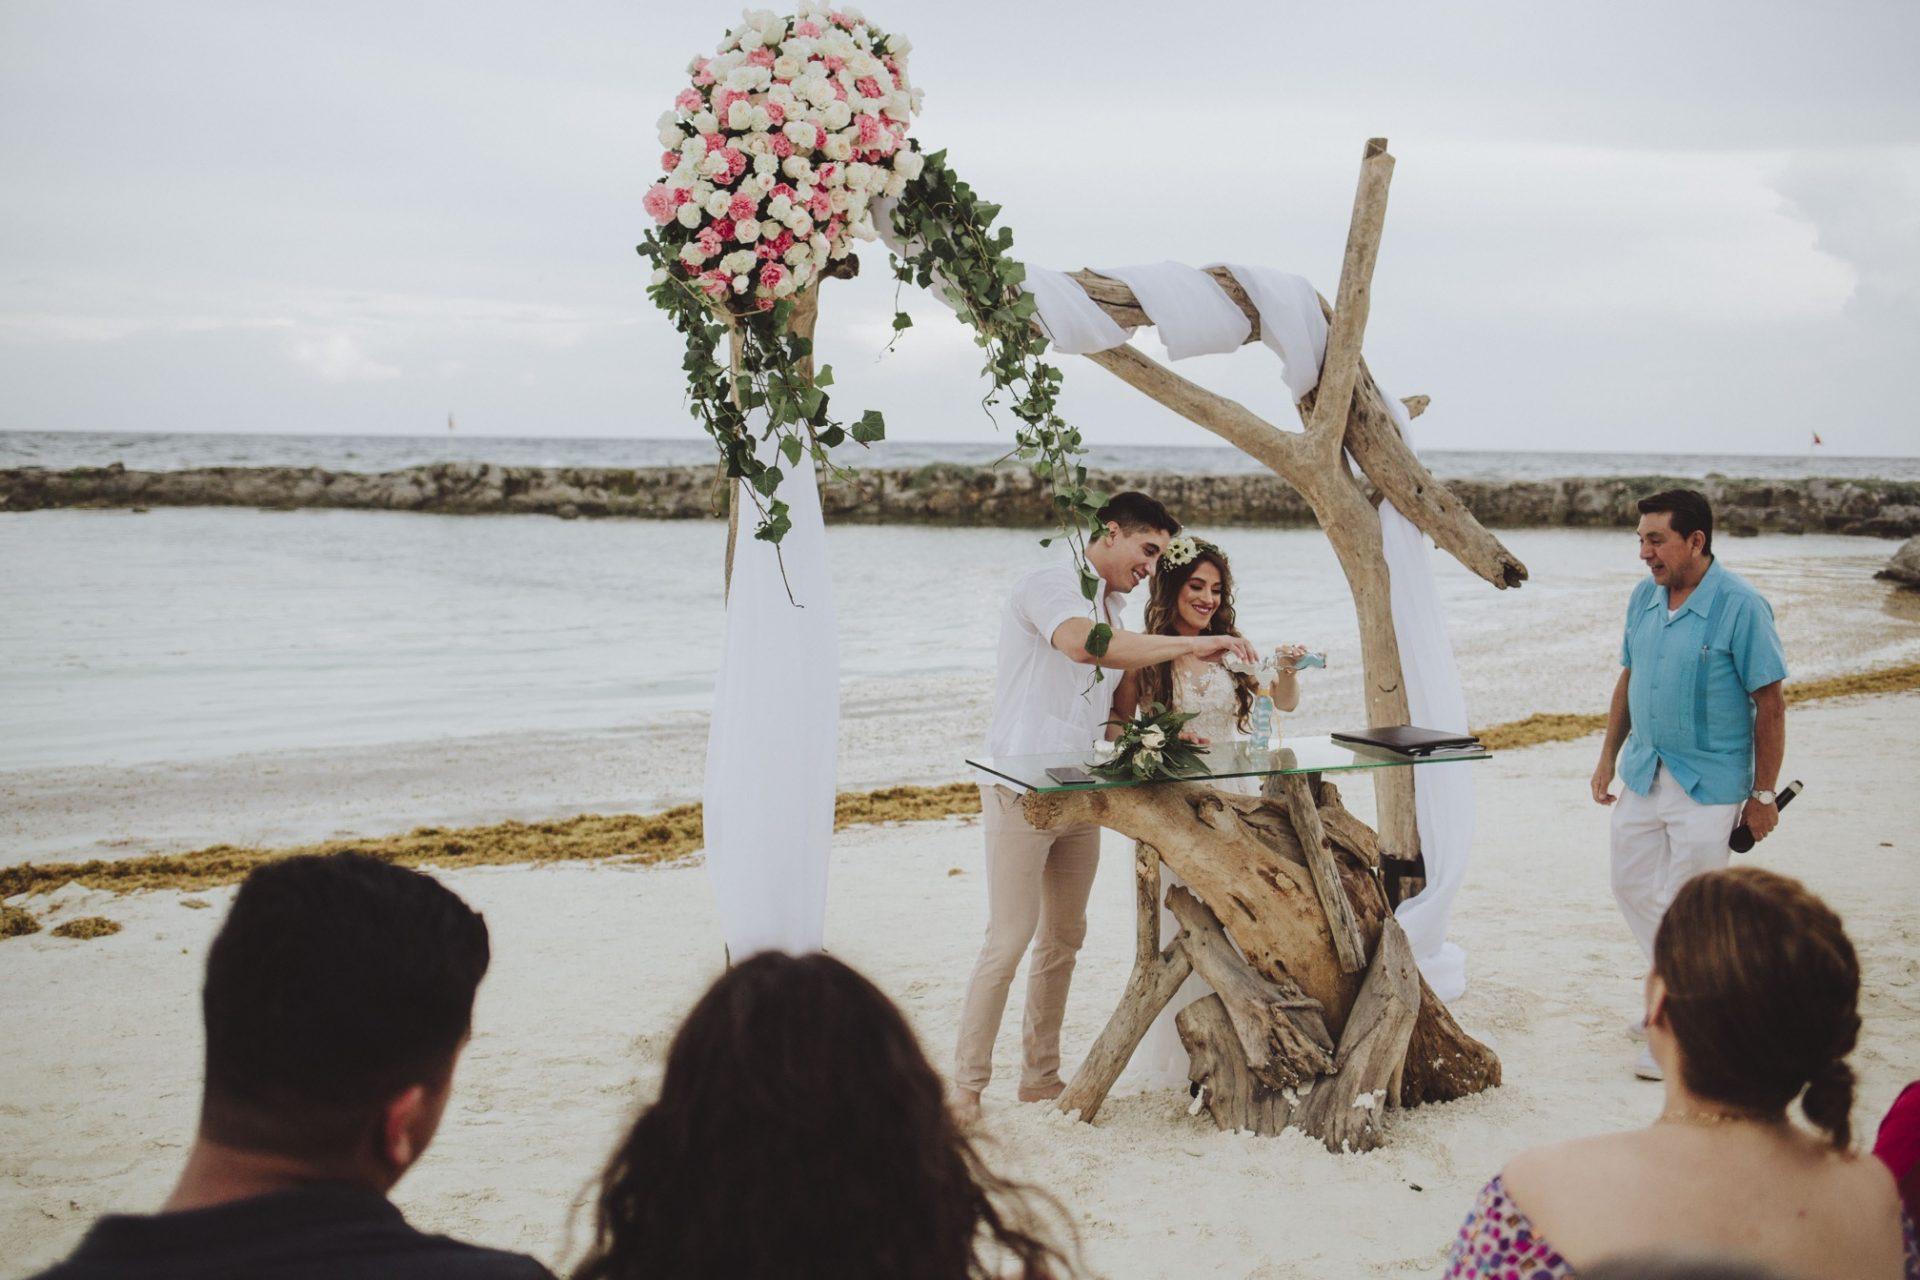 fotografo_bodas_profesional_zacatecas_riviera_maya_cancun-65